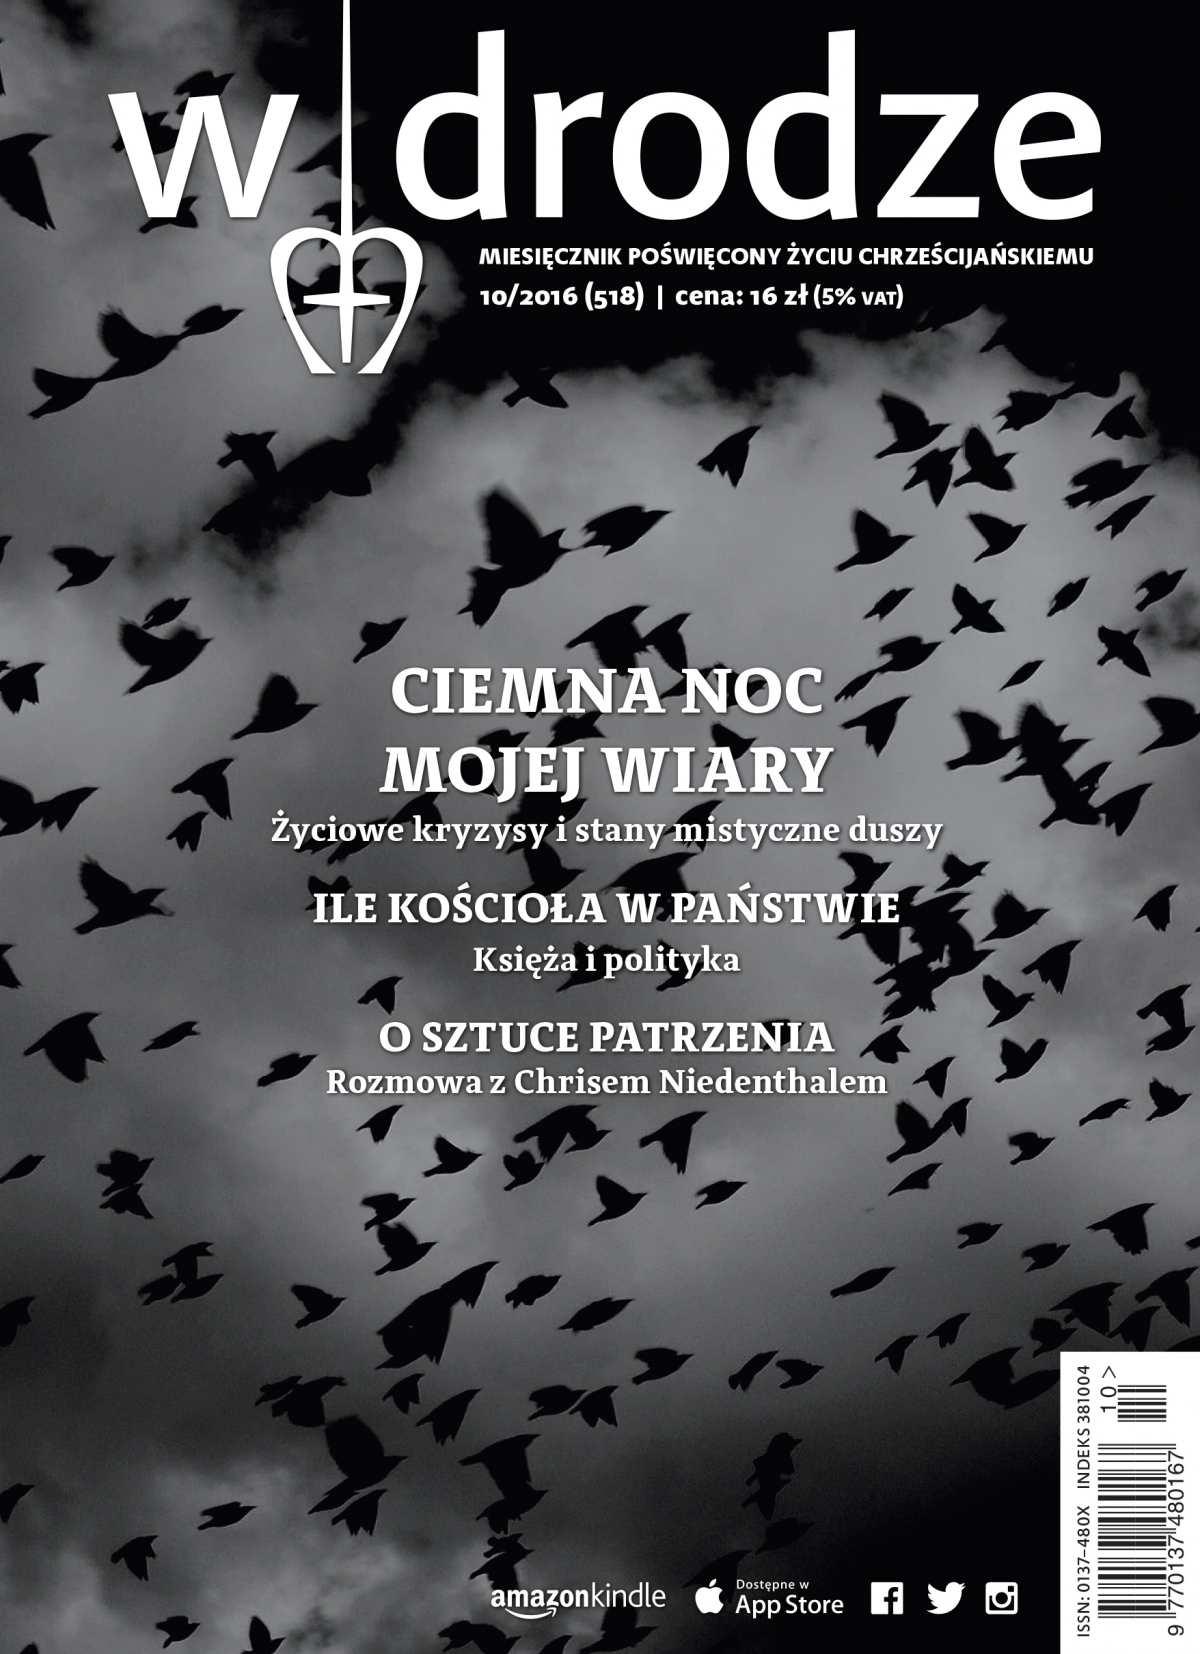 """Miesięcznik """"W drodze"""" nr 518 - Ebook (Książka EPUB) do pobrania w formacie EPUB"""